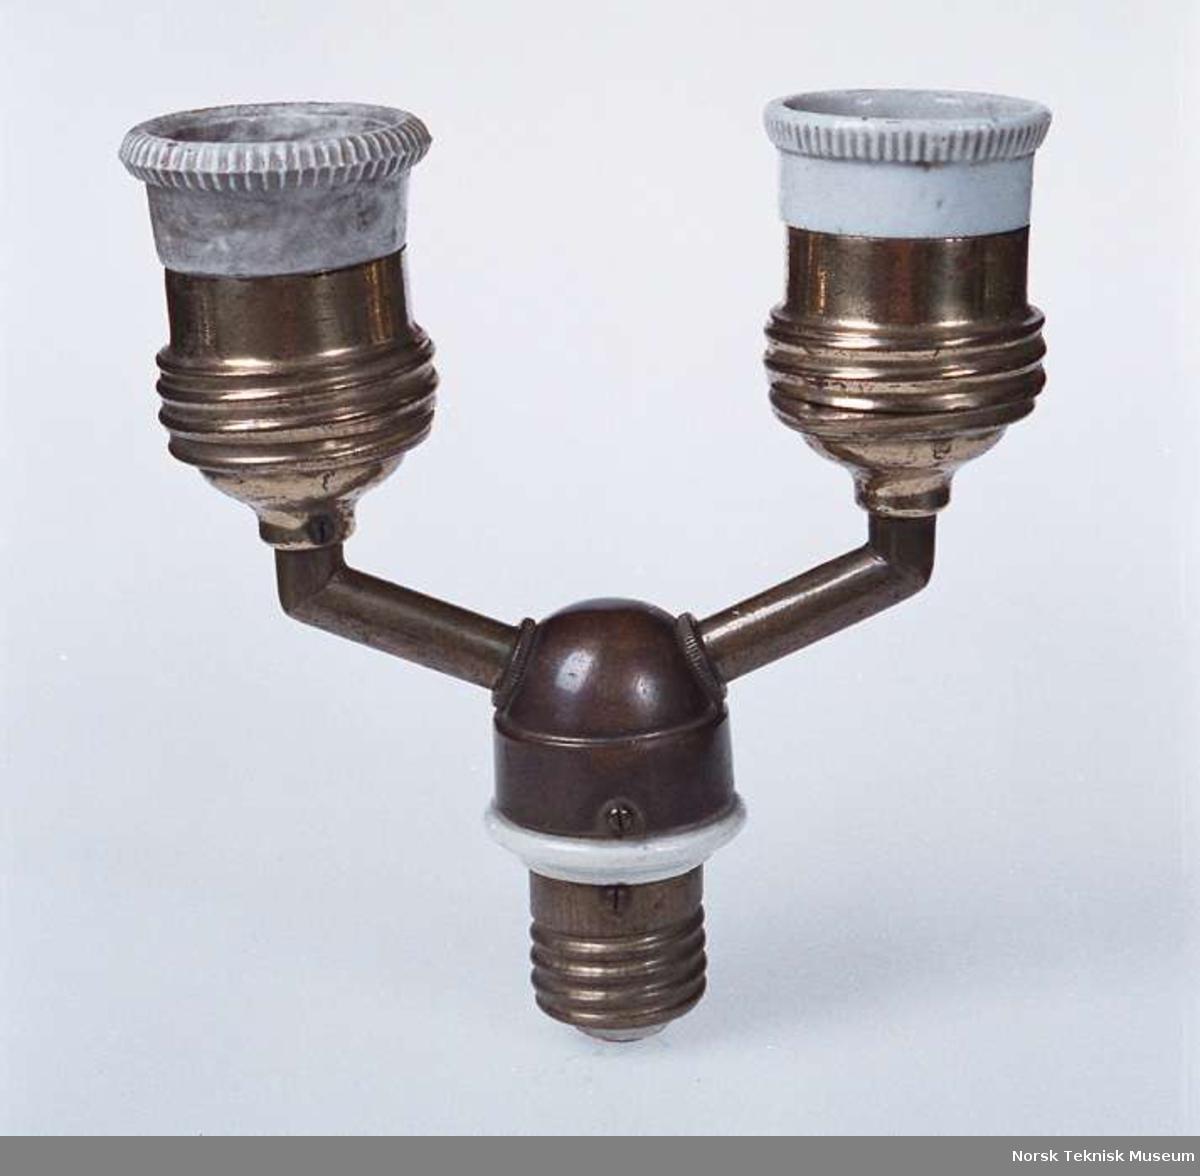 Påmontert 2 glødelamper: NTM 12819 og NTM 12821.d8